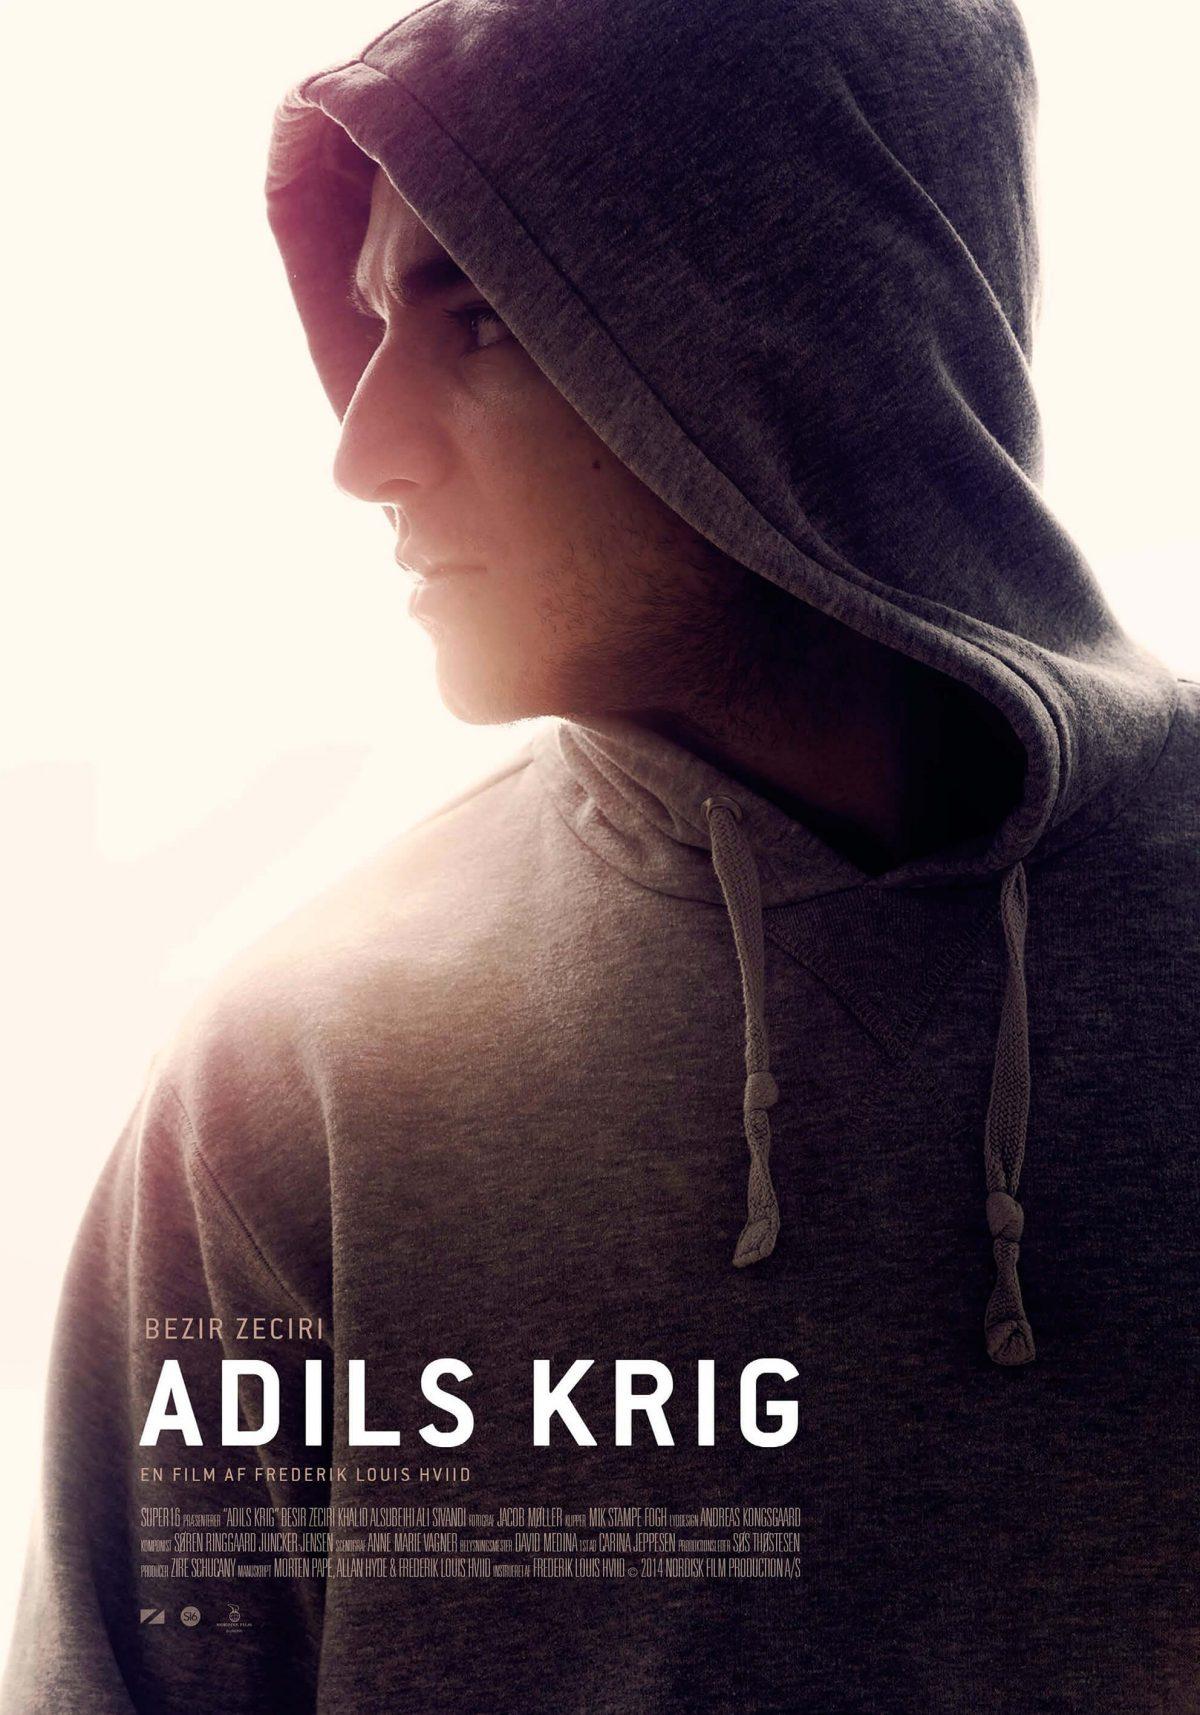 adilskrig_poster